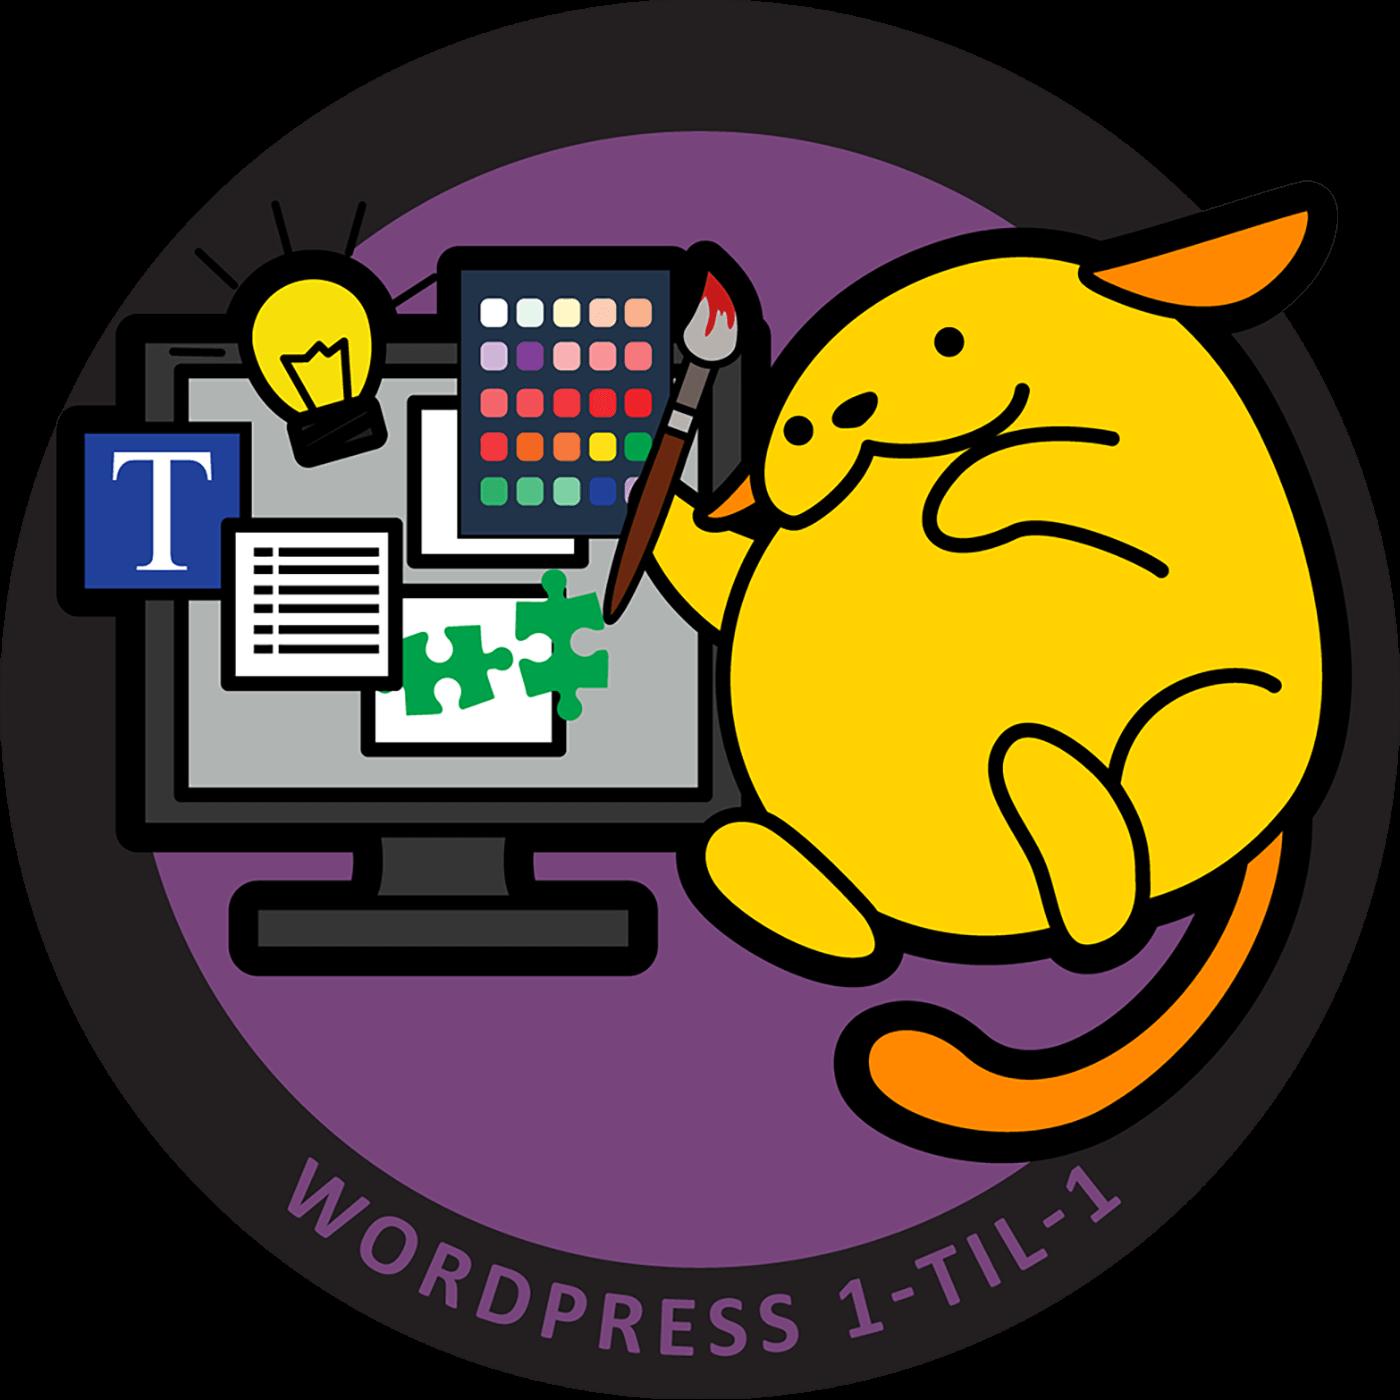 Artwork for WordPress 1-til-1 - Temaer